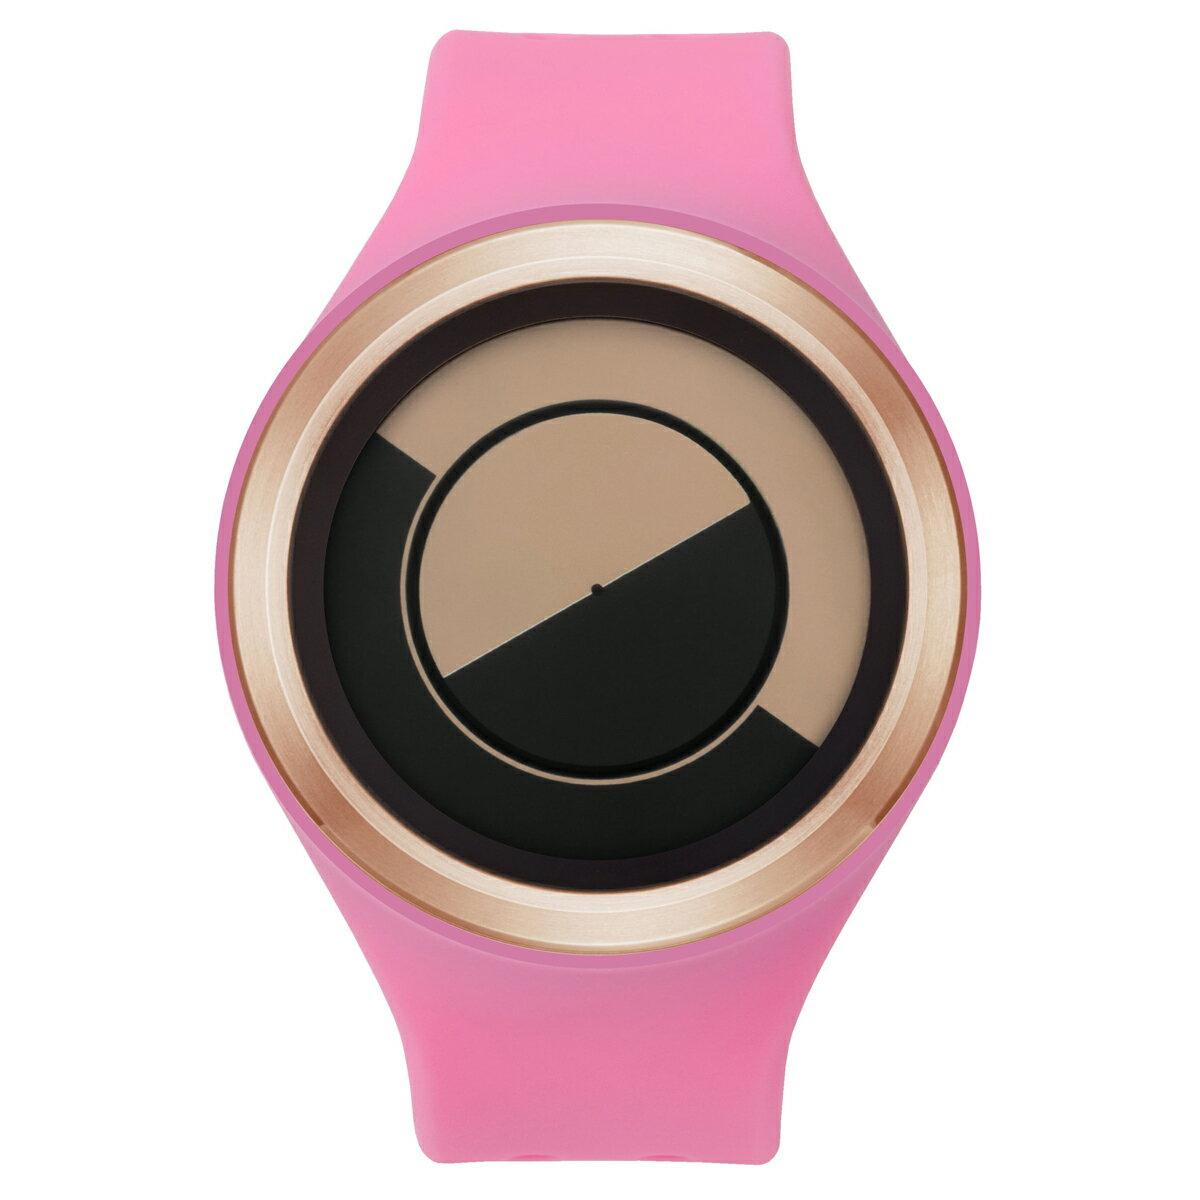 ZEROO QUARTER MOON ゼロ 電池式クォーツ 腕時計 [W01003B05SR06] ピンク デザインウォッチ ペア用 メンズ レディース ユニセックス おしゃれ時計 デザイナーズ